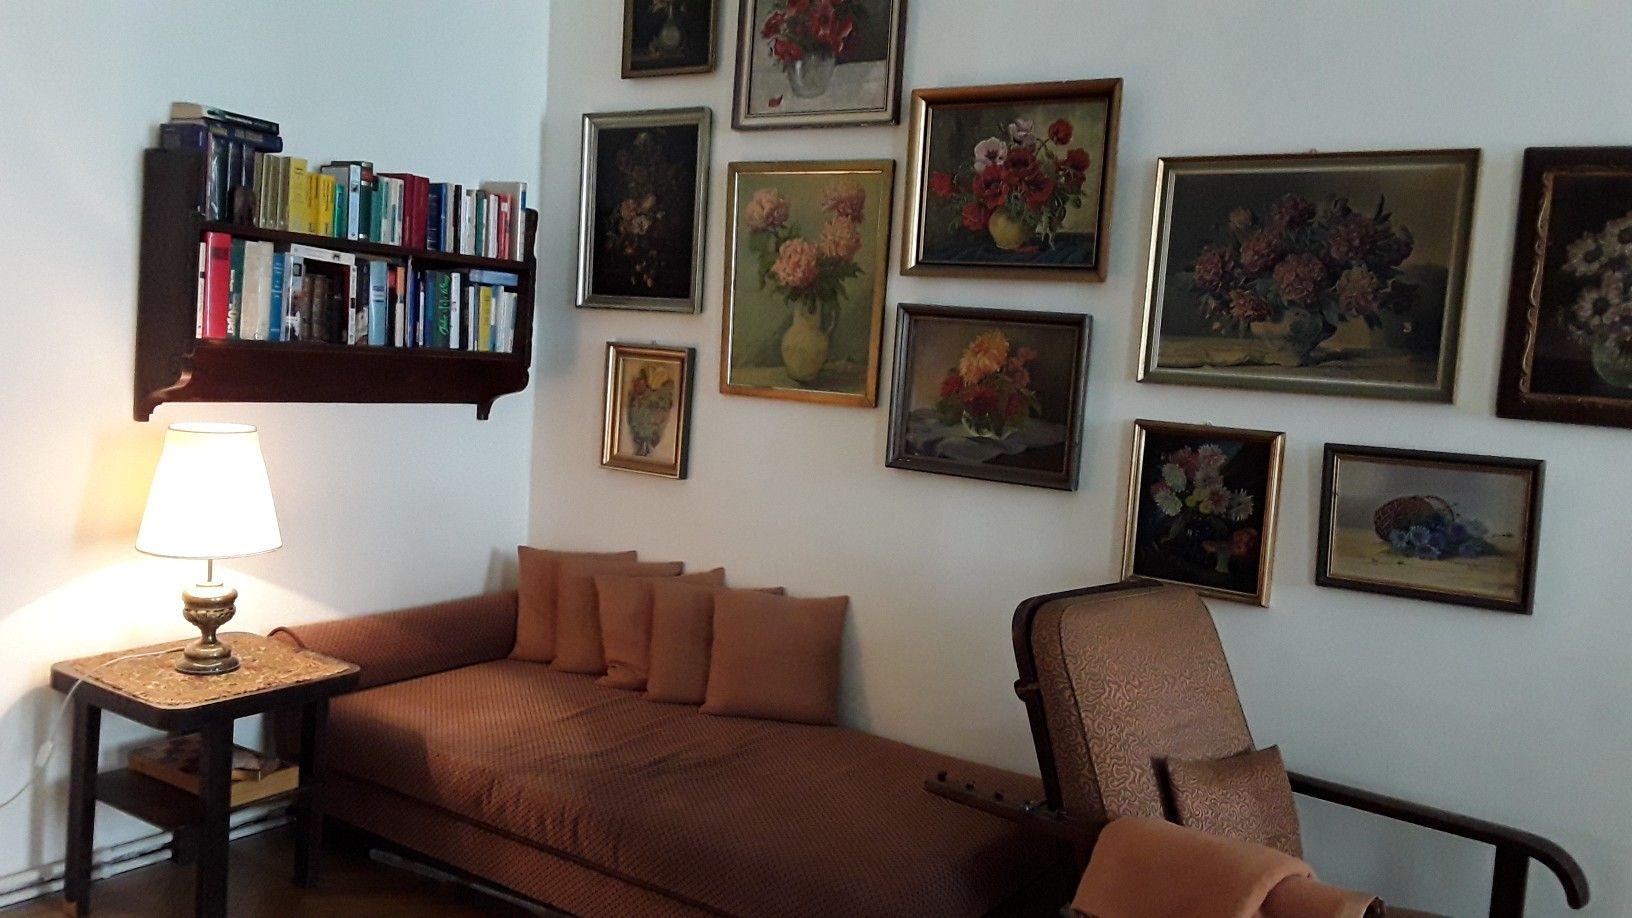 Blumenbilder Hängung Mit Wiener Leseecke Bilder Aufhängen Blumenbilder Blumen Bilder